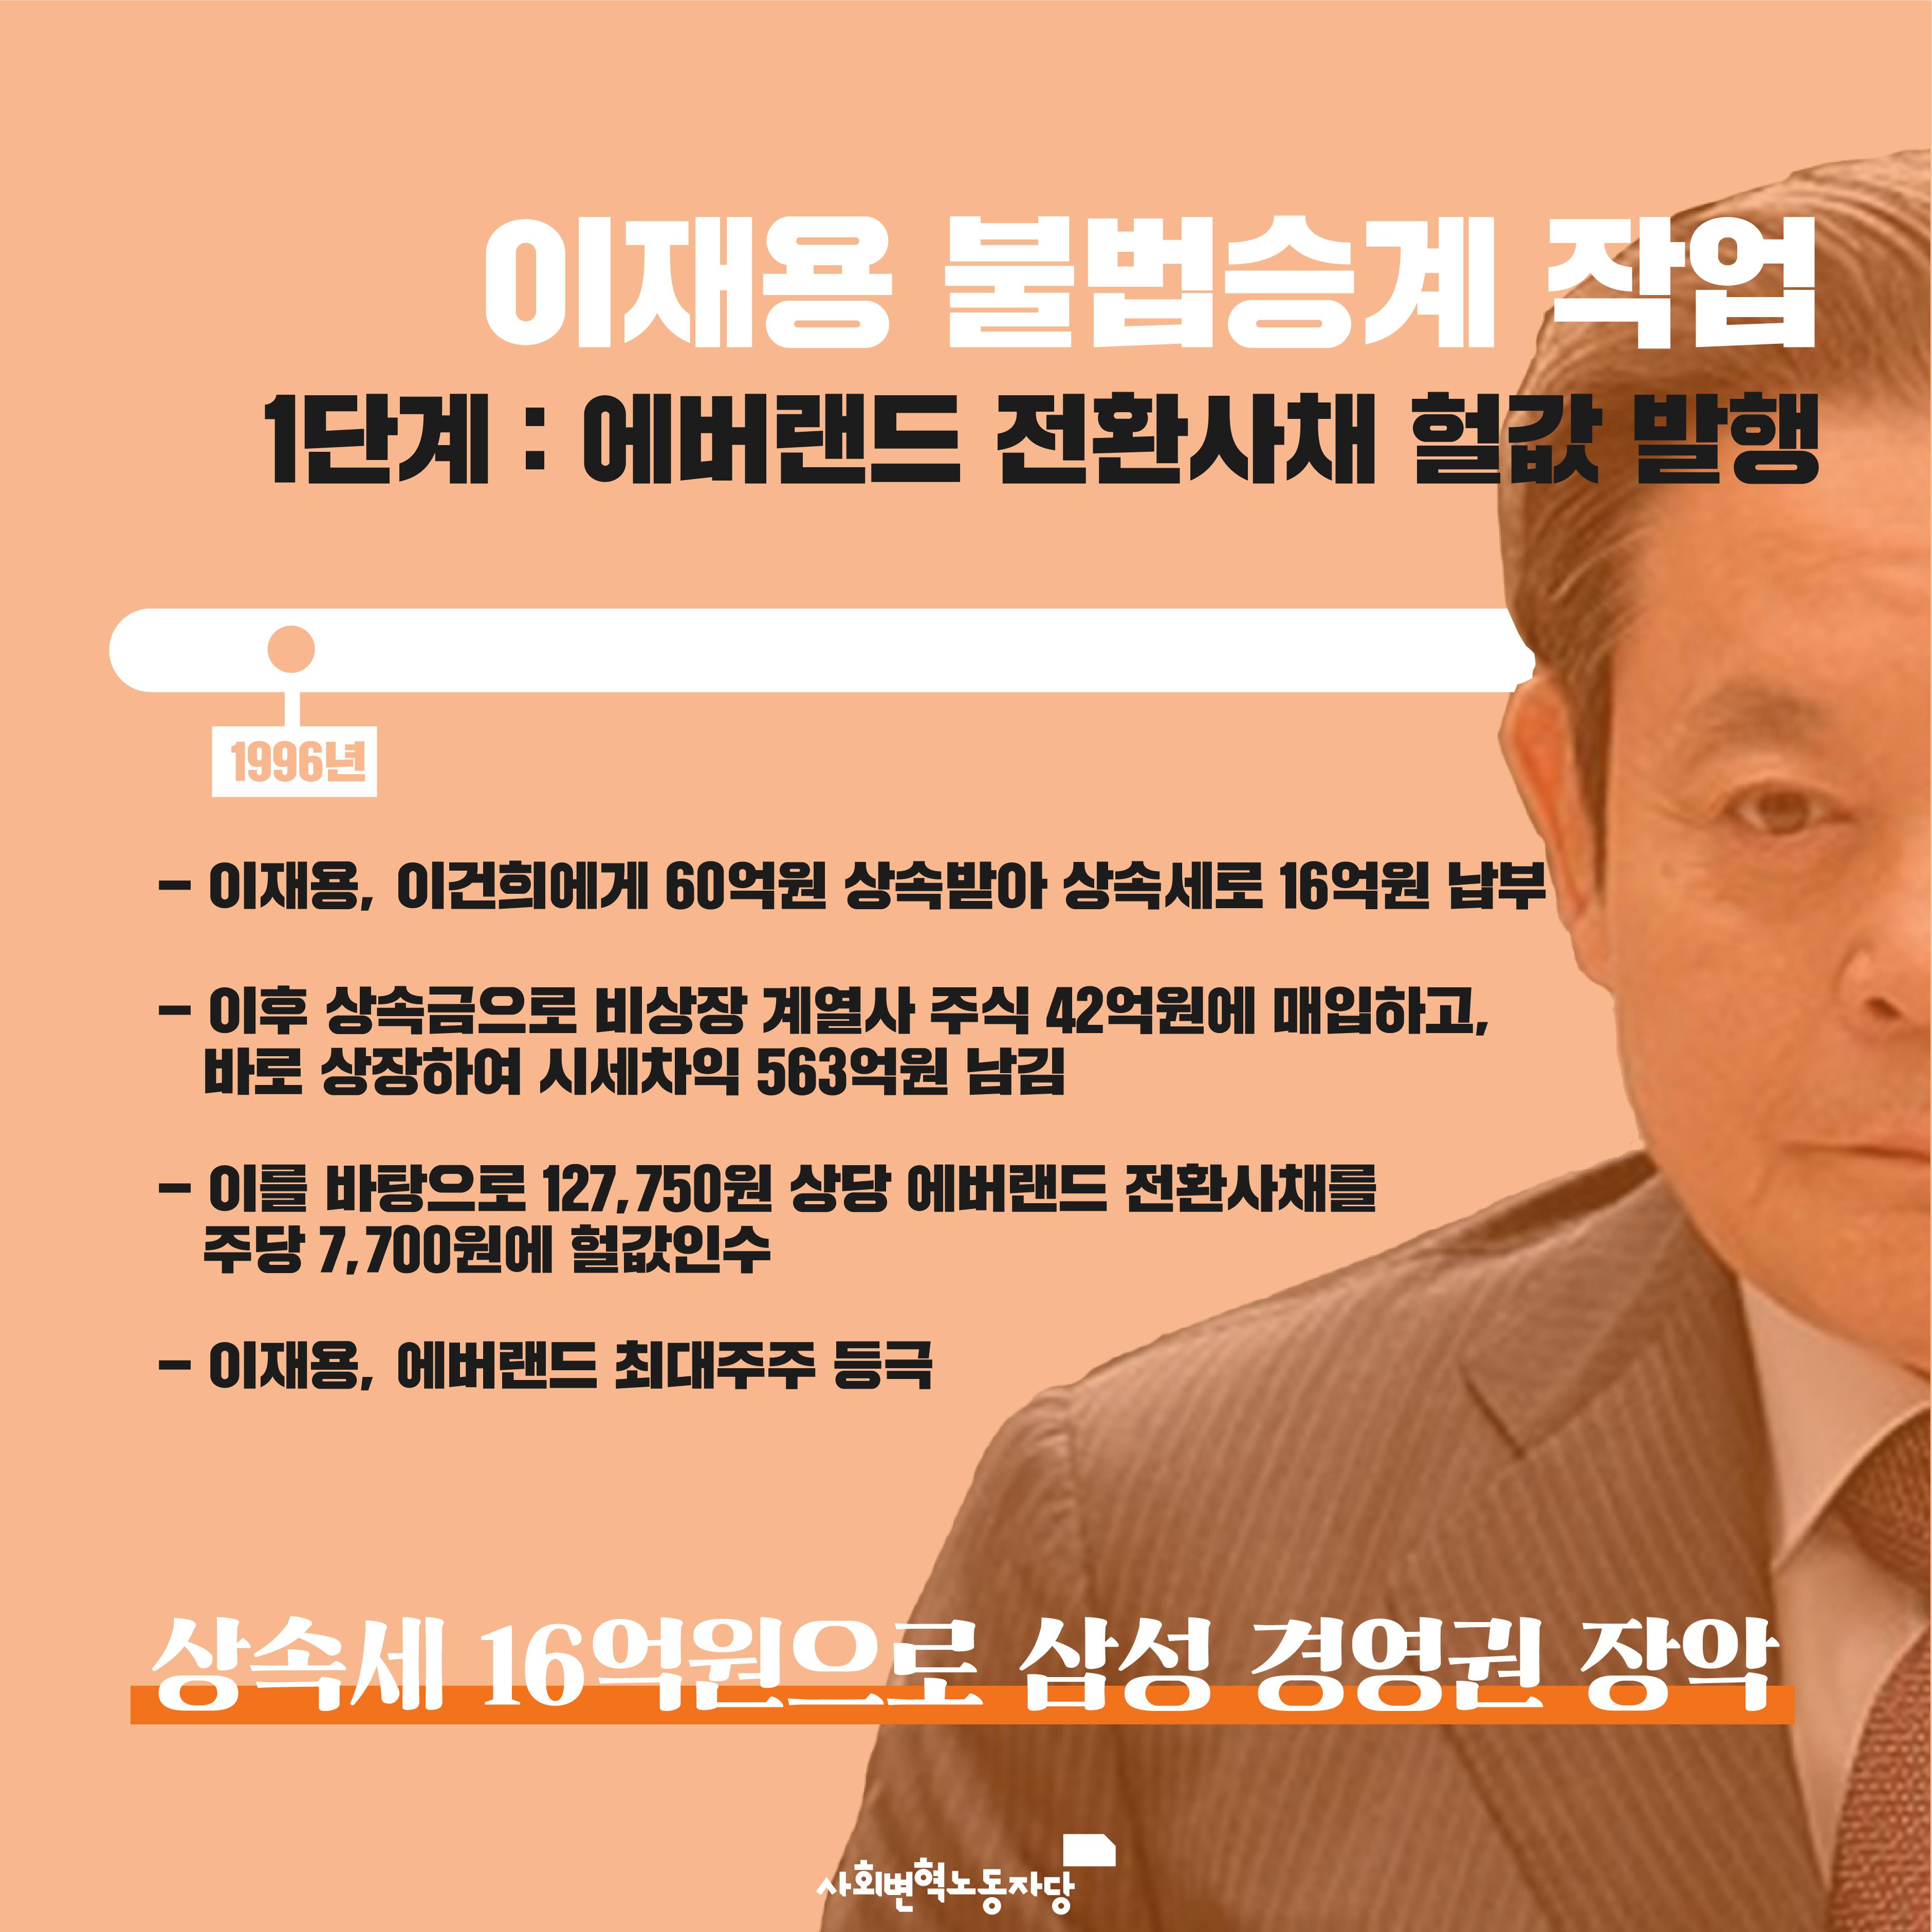 카드뉴스_재벌범죄자산민중가압류_대지 1 사본 9.jpg